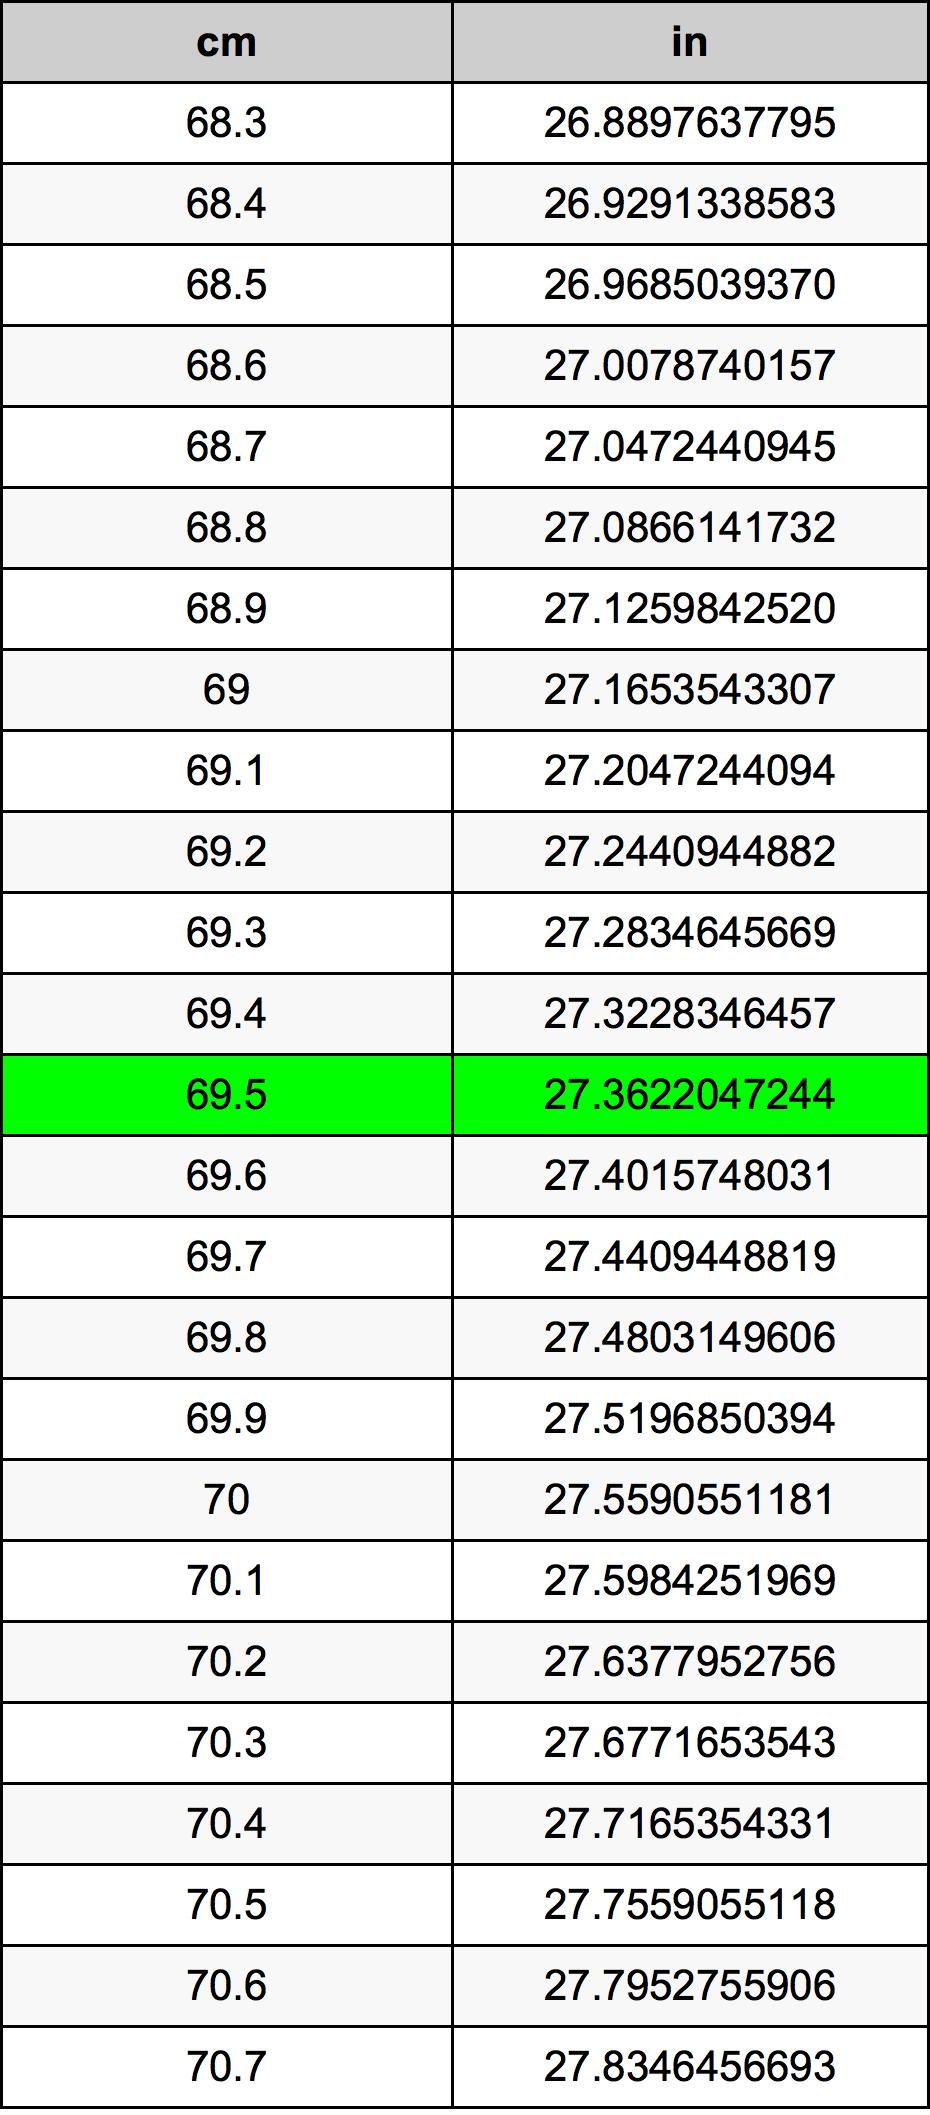 69.5 Centiméter átszámítási táblázat